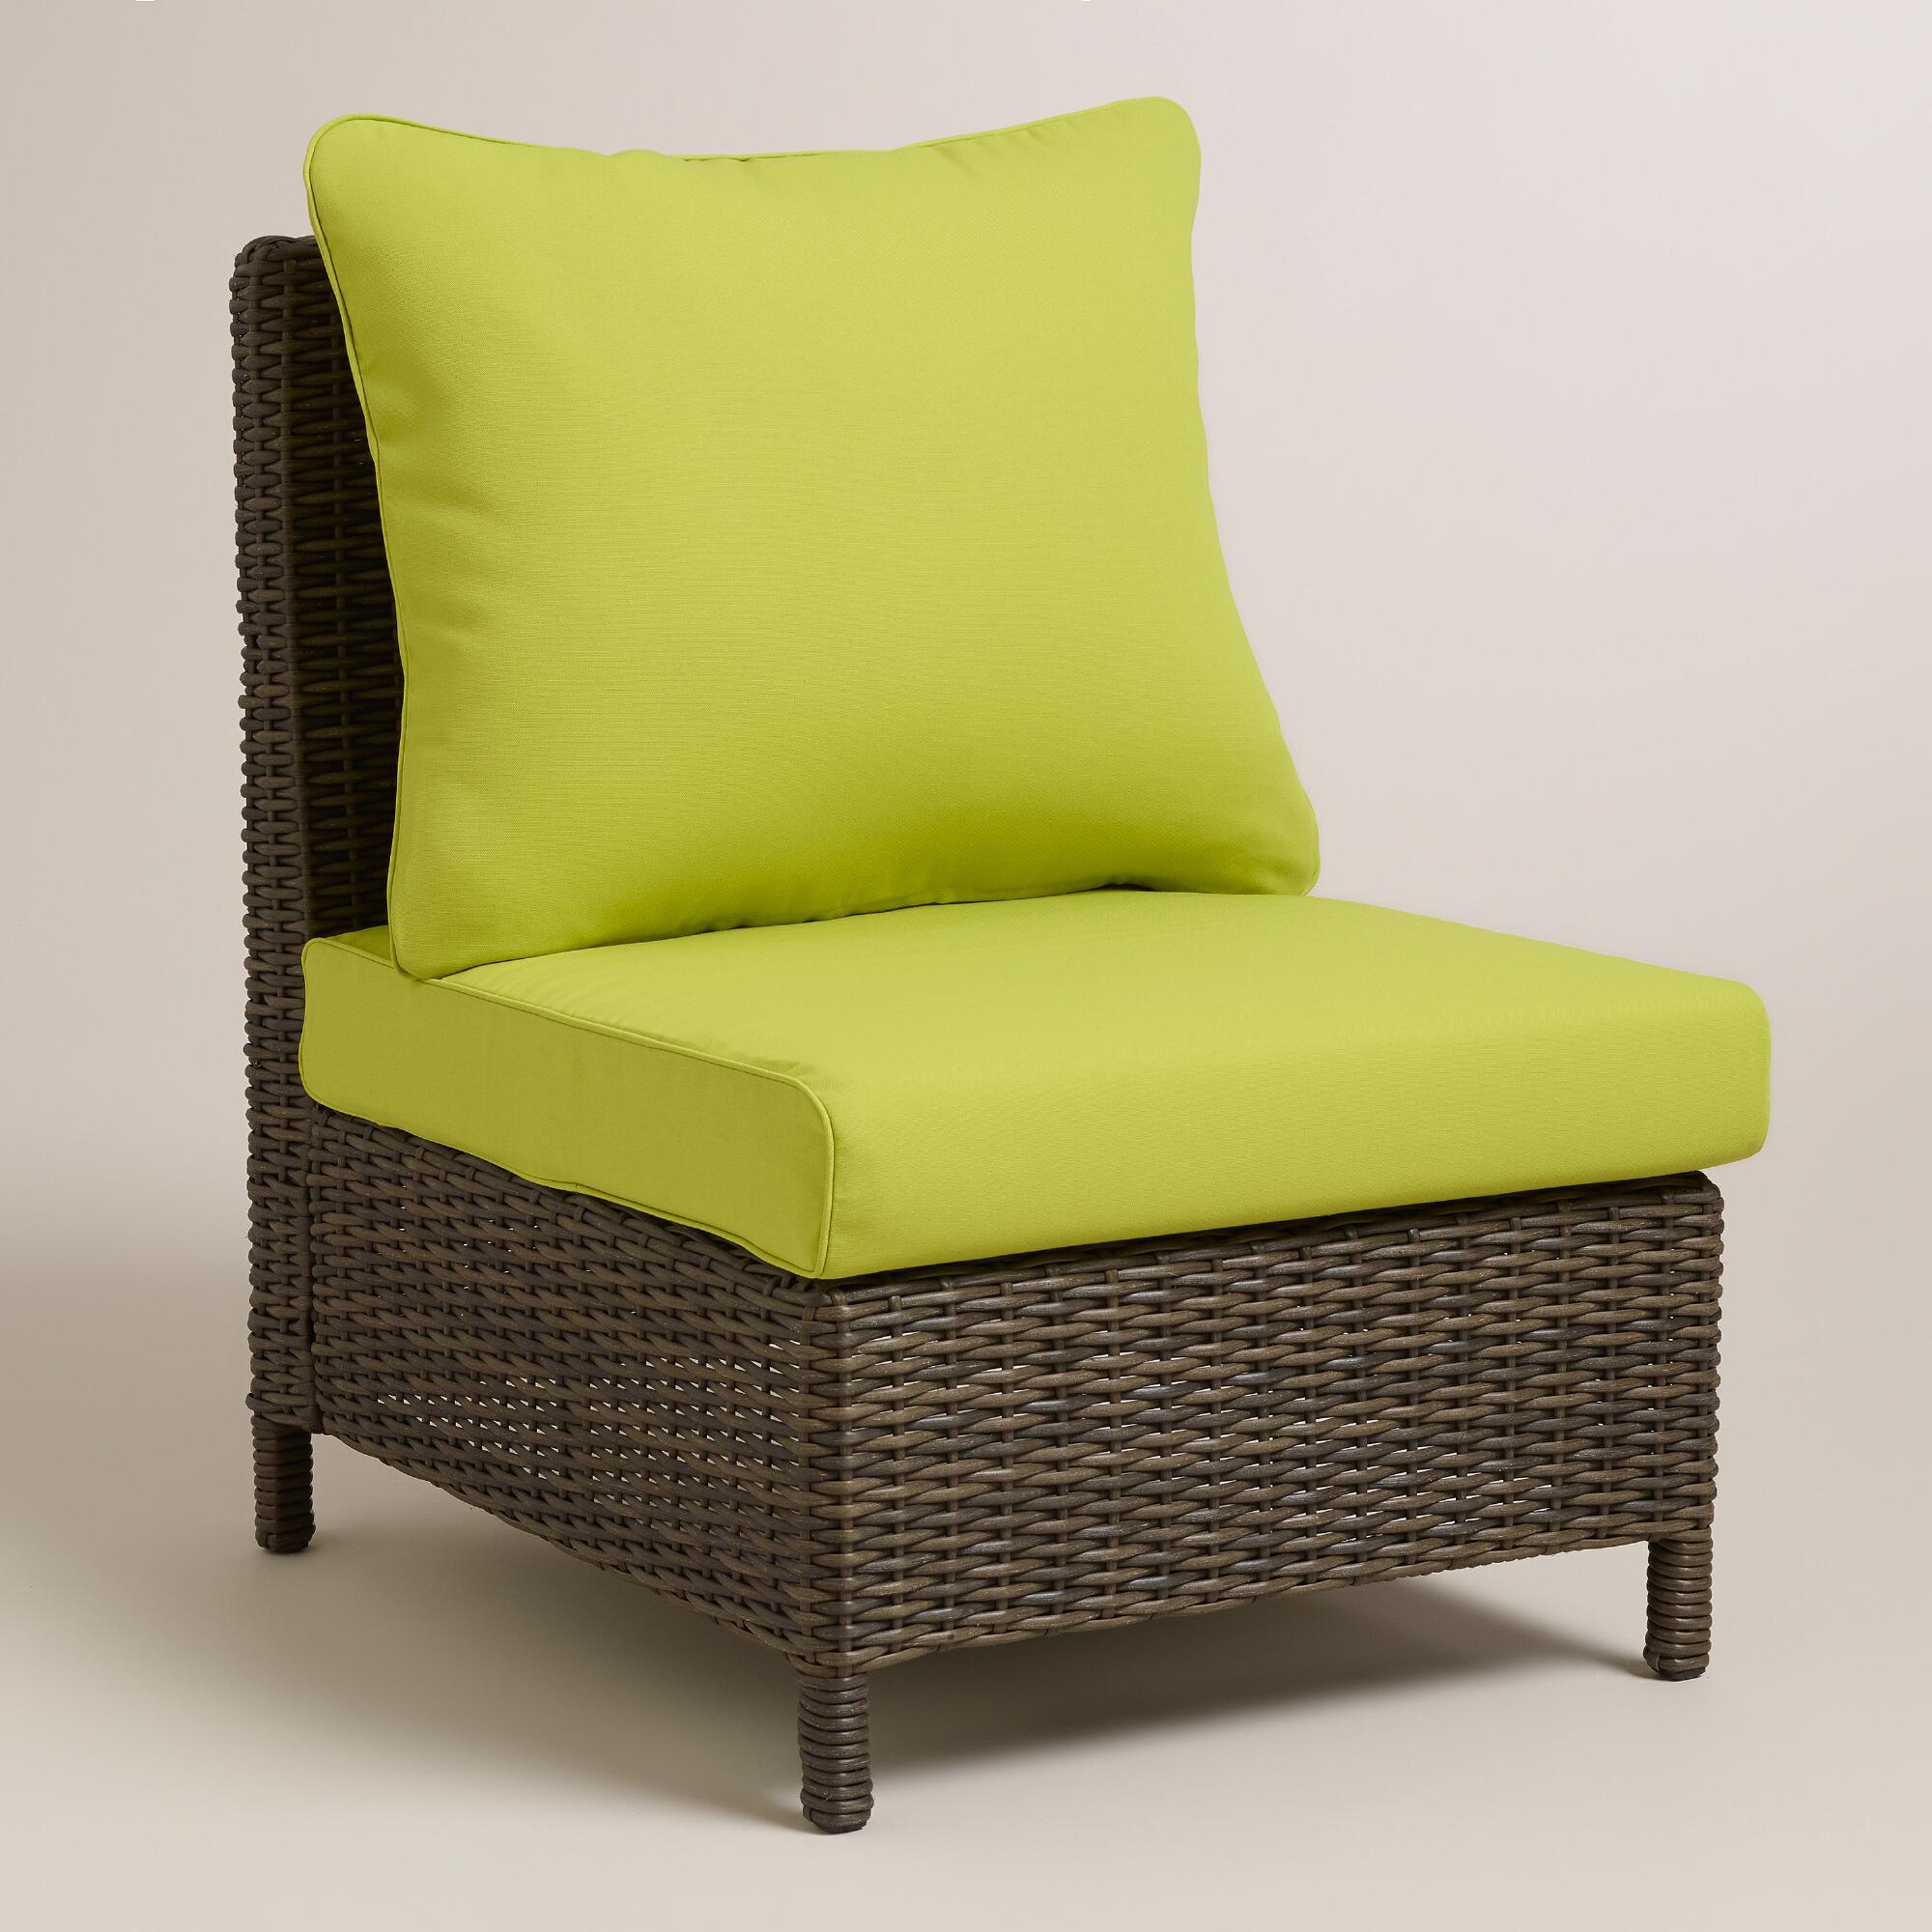 armless chair slipcover